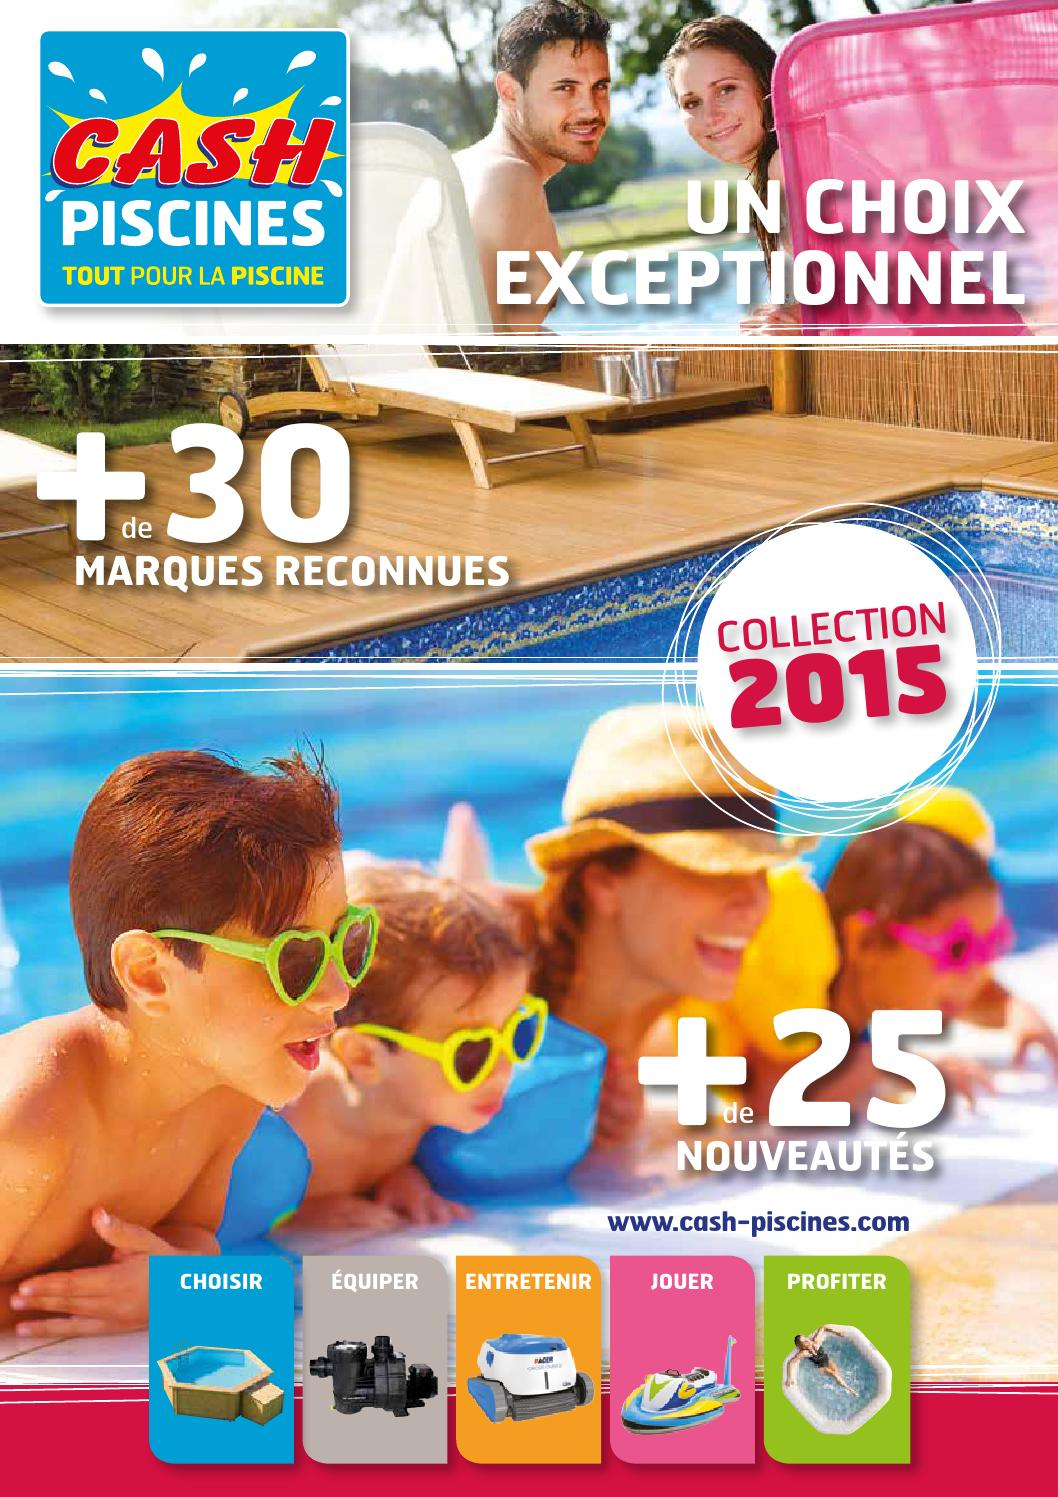 Catalogue Cash Piscines 2015 By Octave Octave - Issuu destiné Cash Piscine Sollies Pont